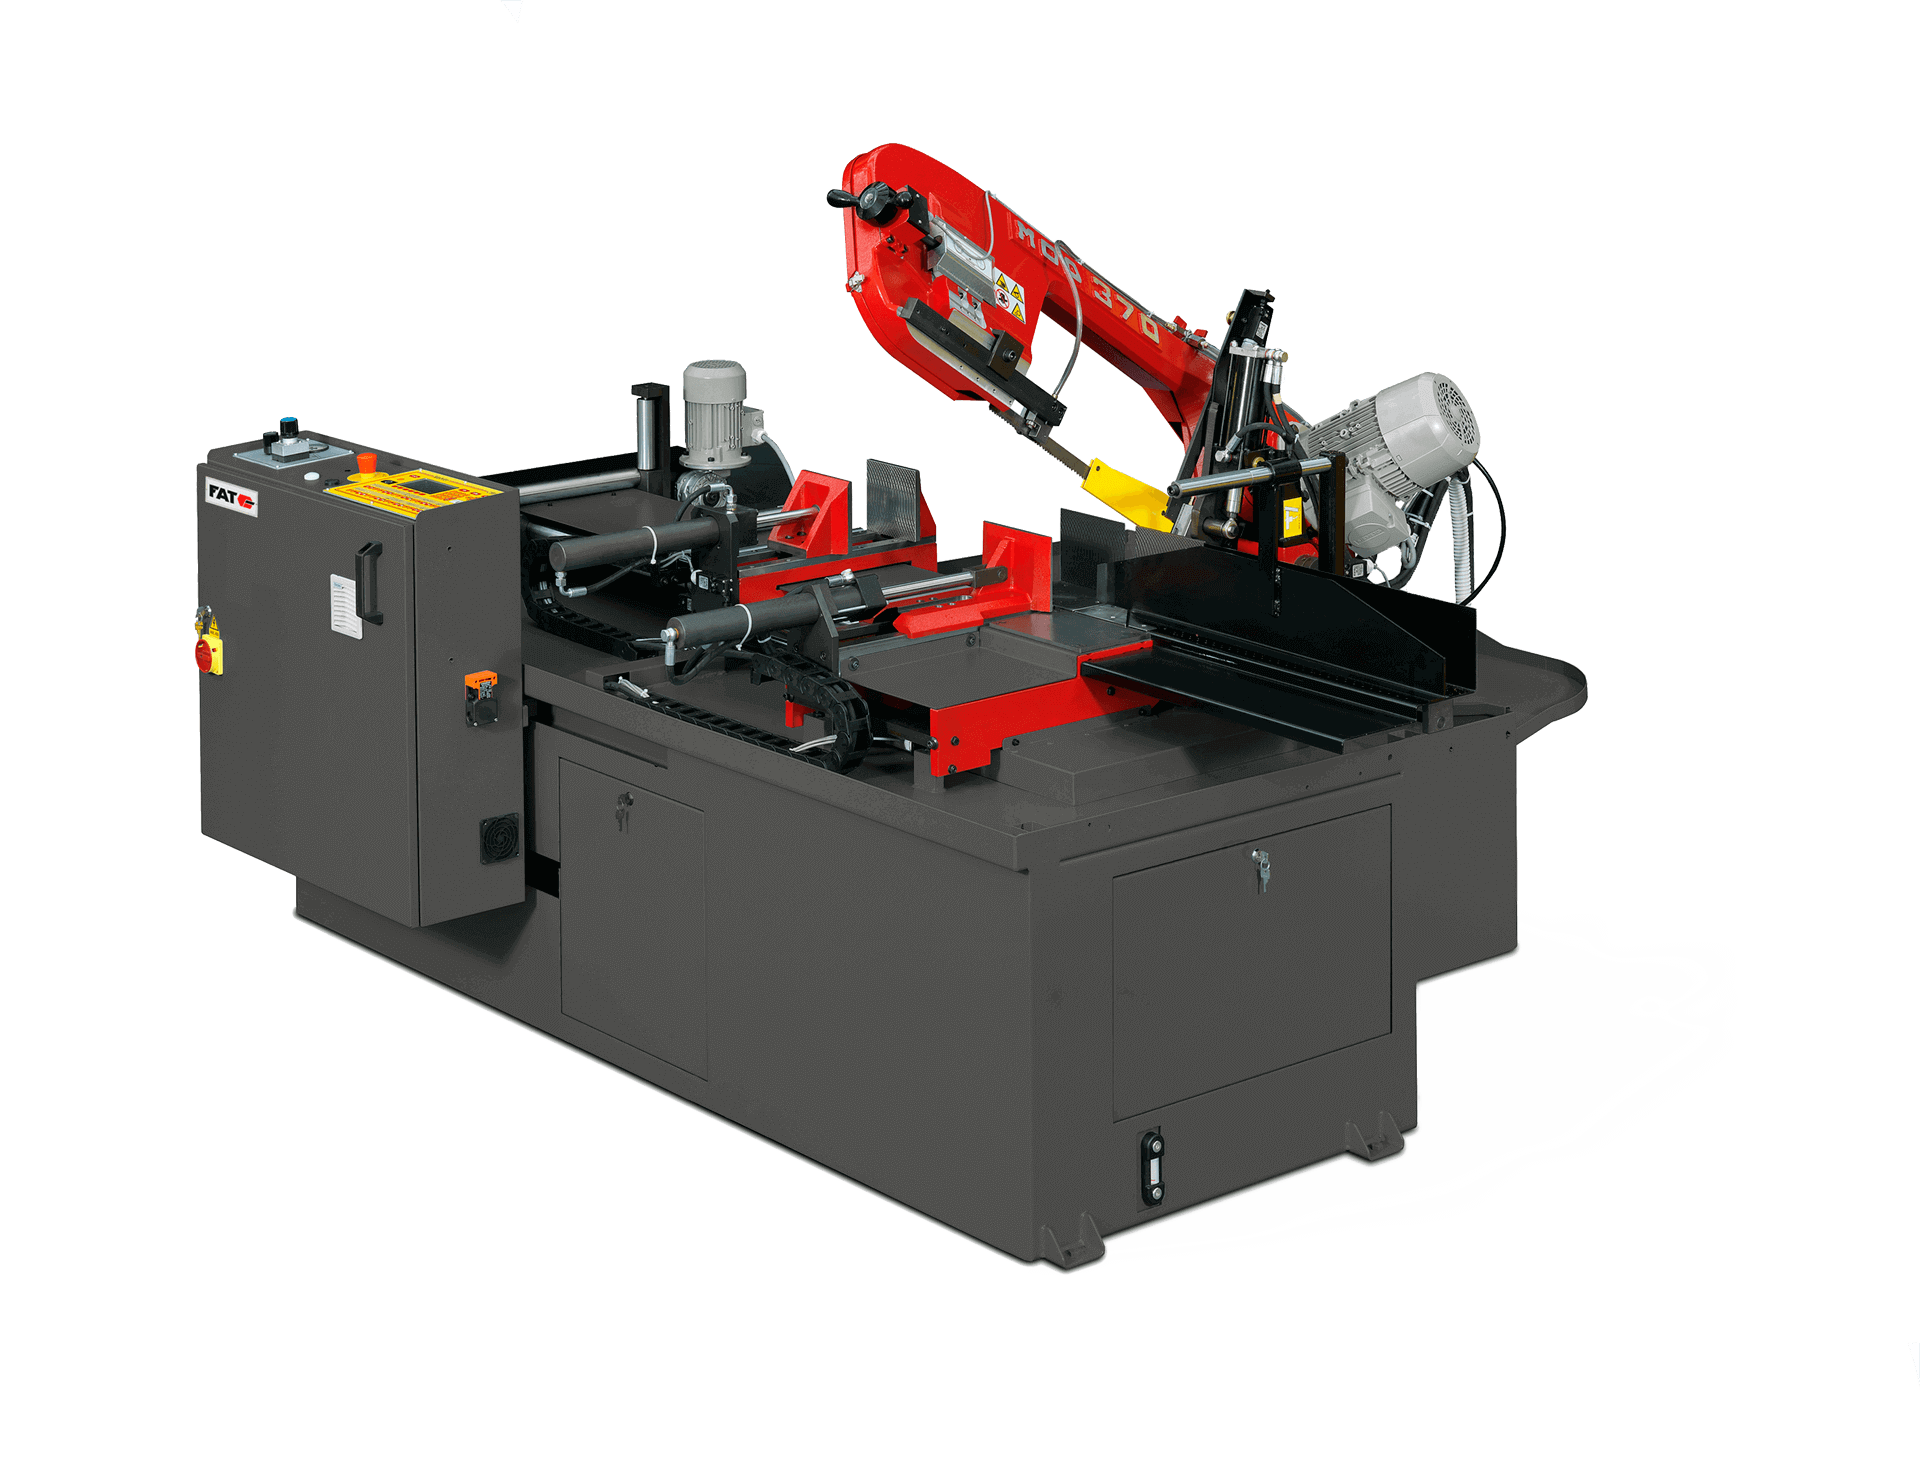 La sierra de corte FAT 370 A DI CNC 1R, una de las principales referencias de nuestro catálogo